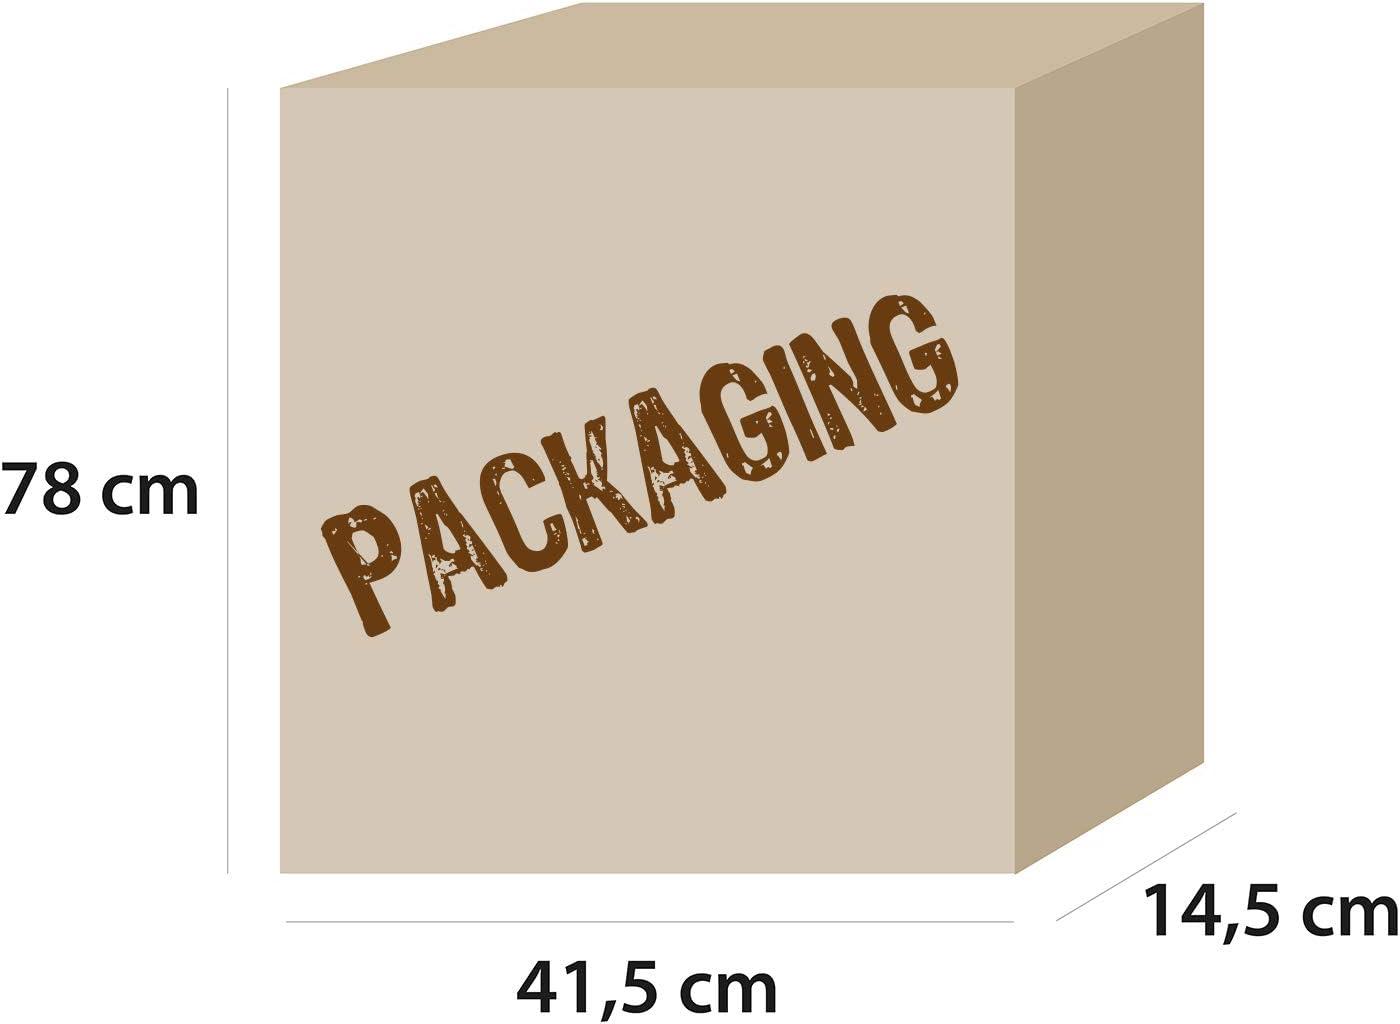 cesti 82 x 40 x 76 cm Verde 4 Ruote 82x40x76cm Versa 15810416 Cucina in Metallo e portabottiglie con cassetto